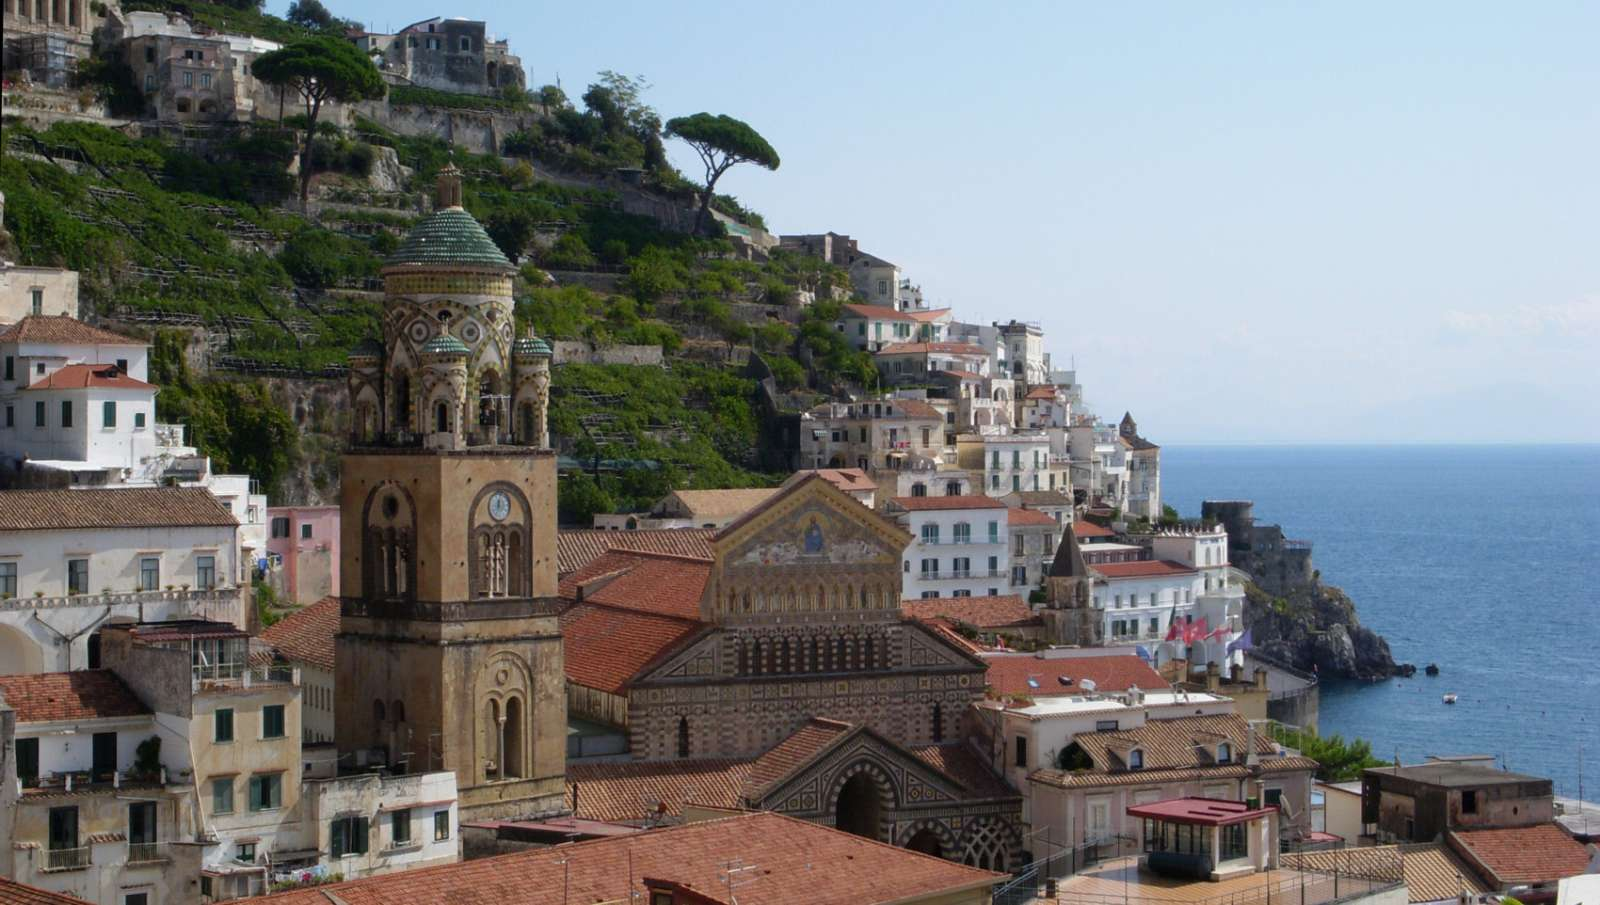 Det smukke klokketårn med mosaik på Domkirken i Amalfi